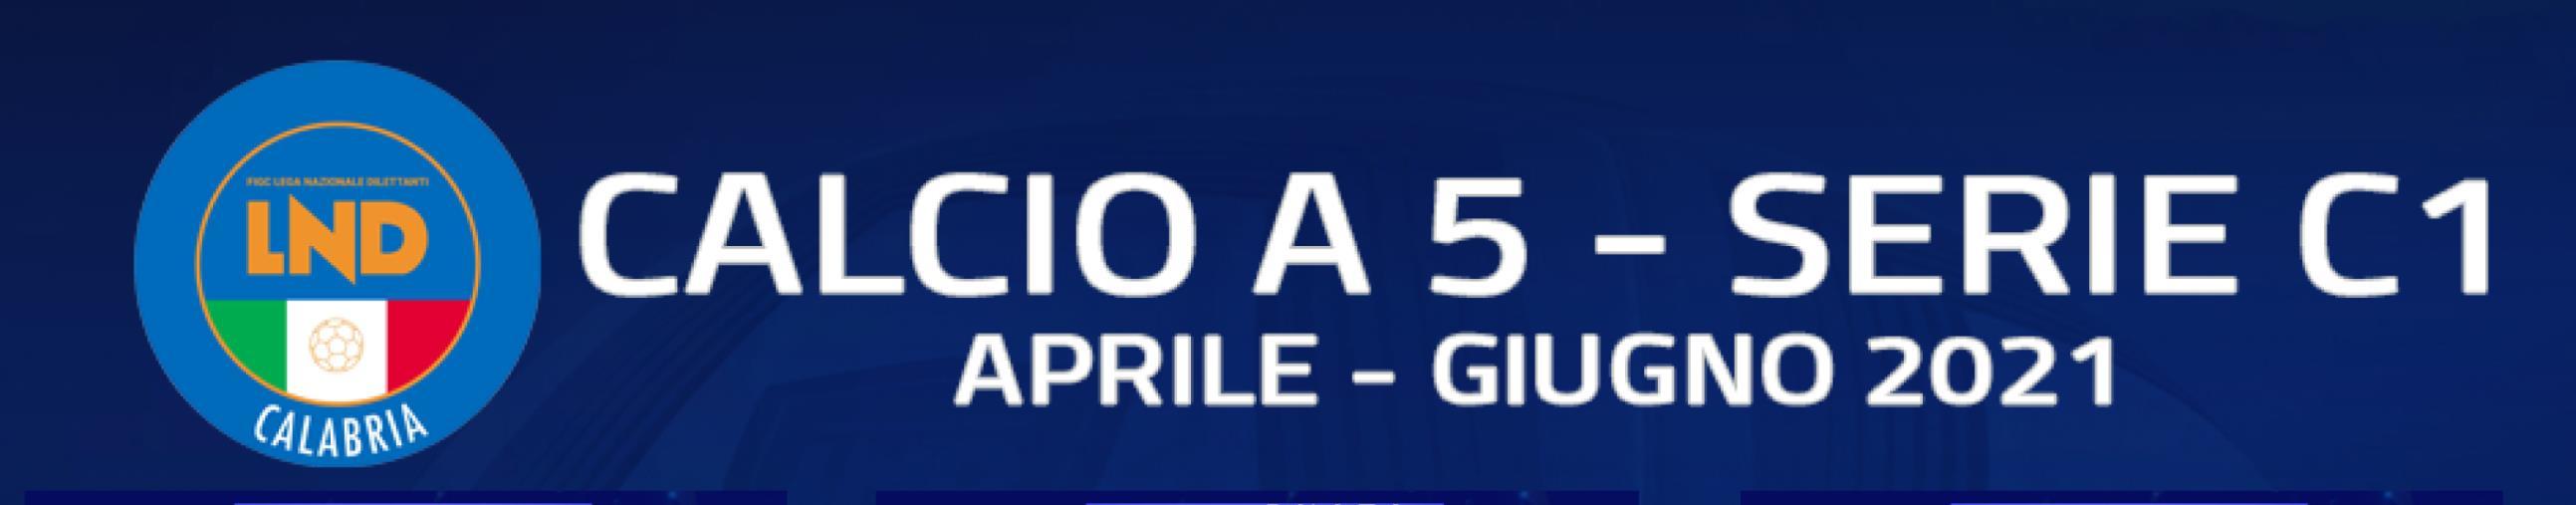 images Calcio A 5 Serie C. Gare, arbitri, classifica e marcatori della sesta giornata